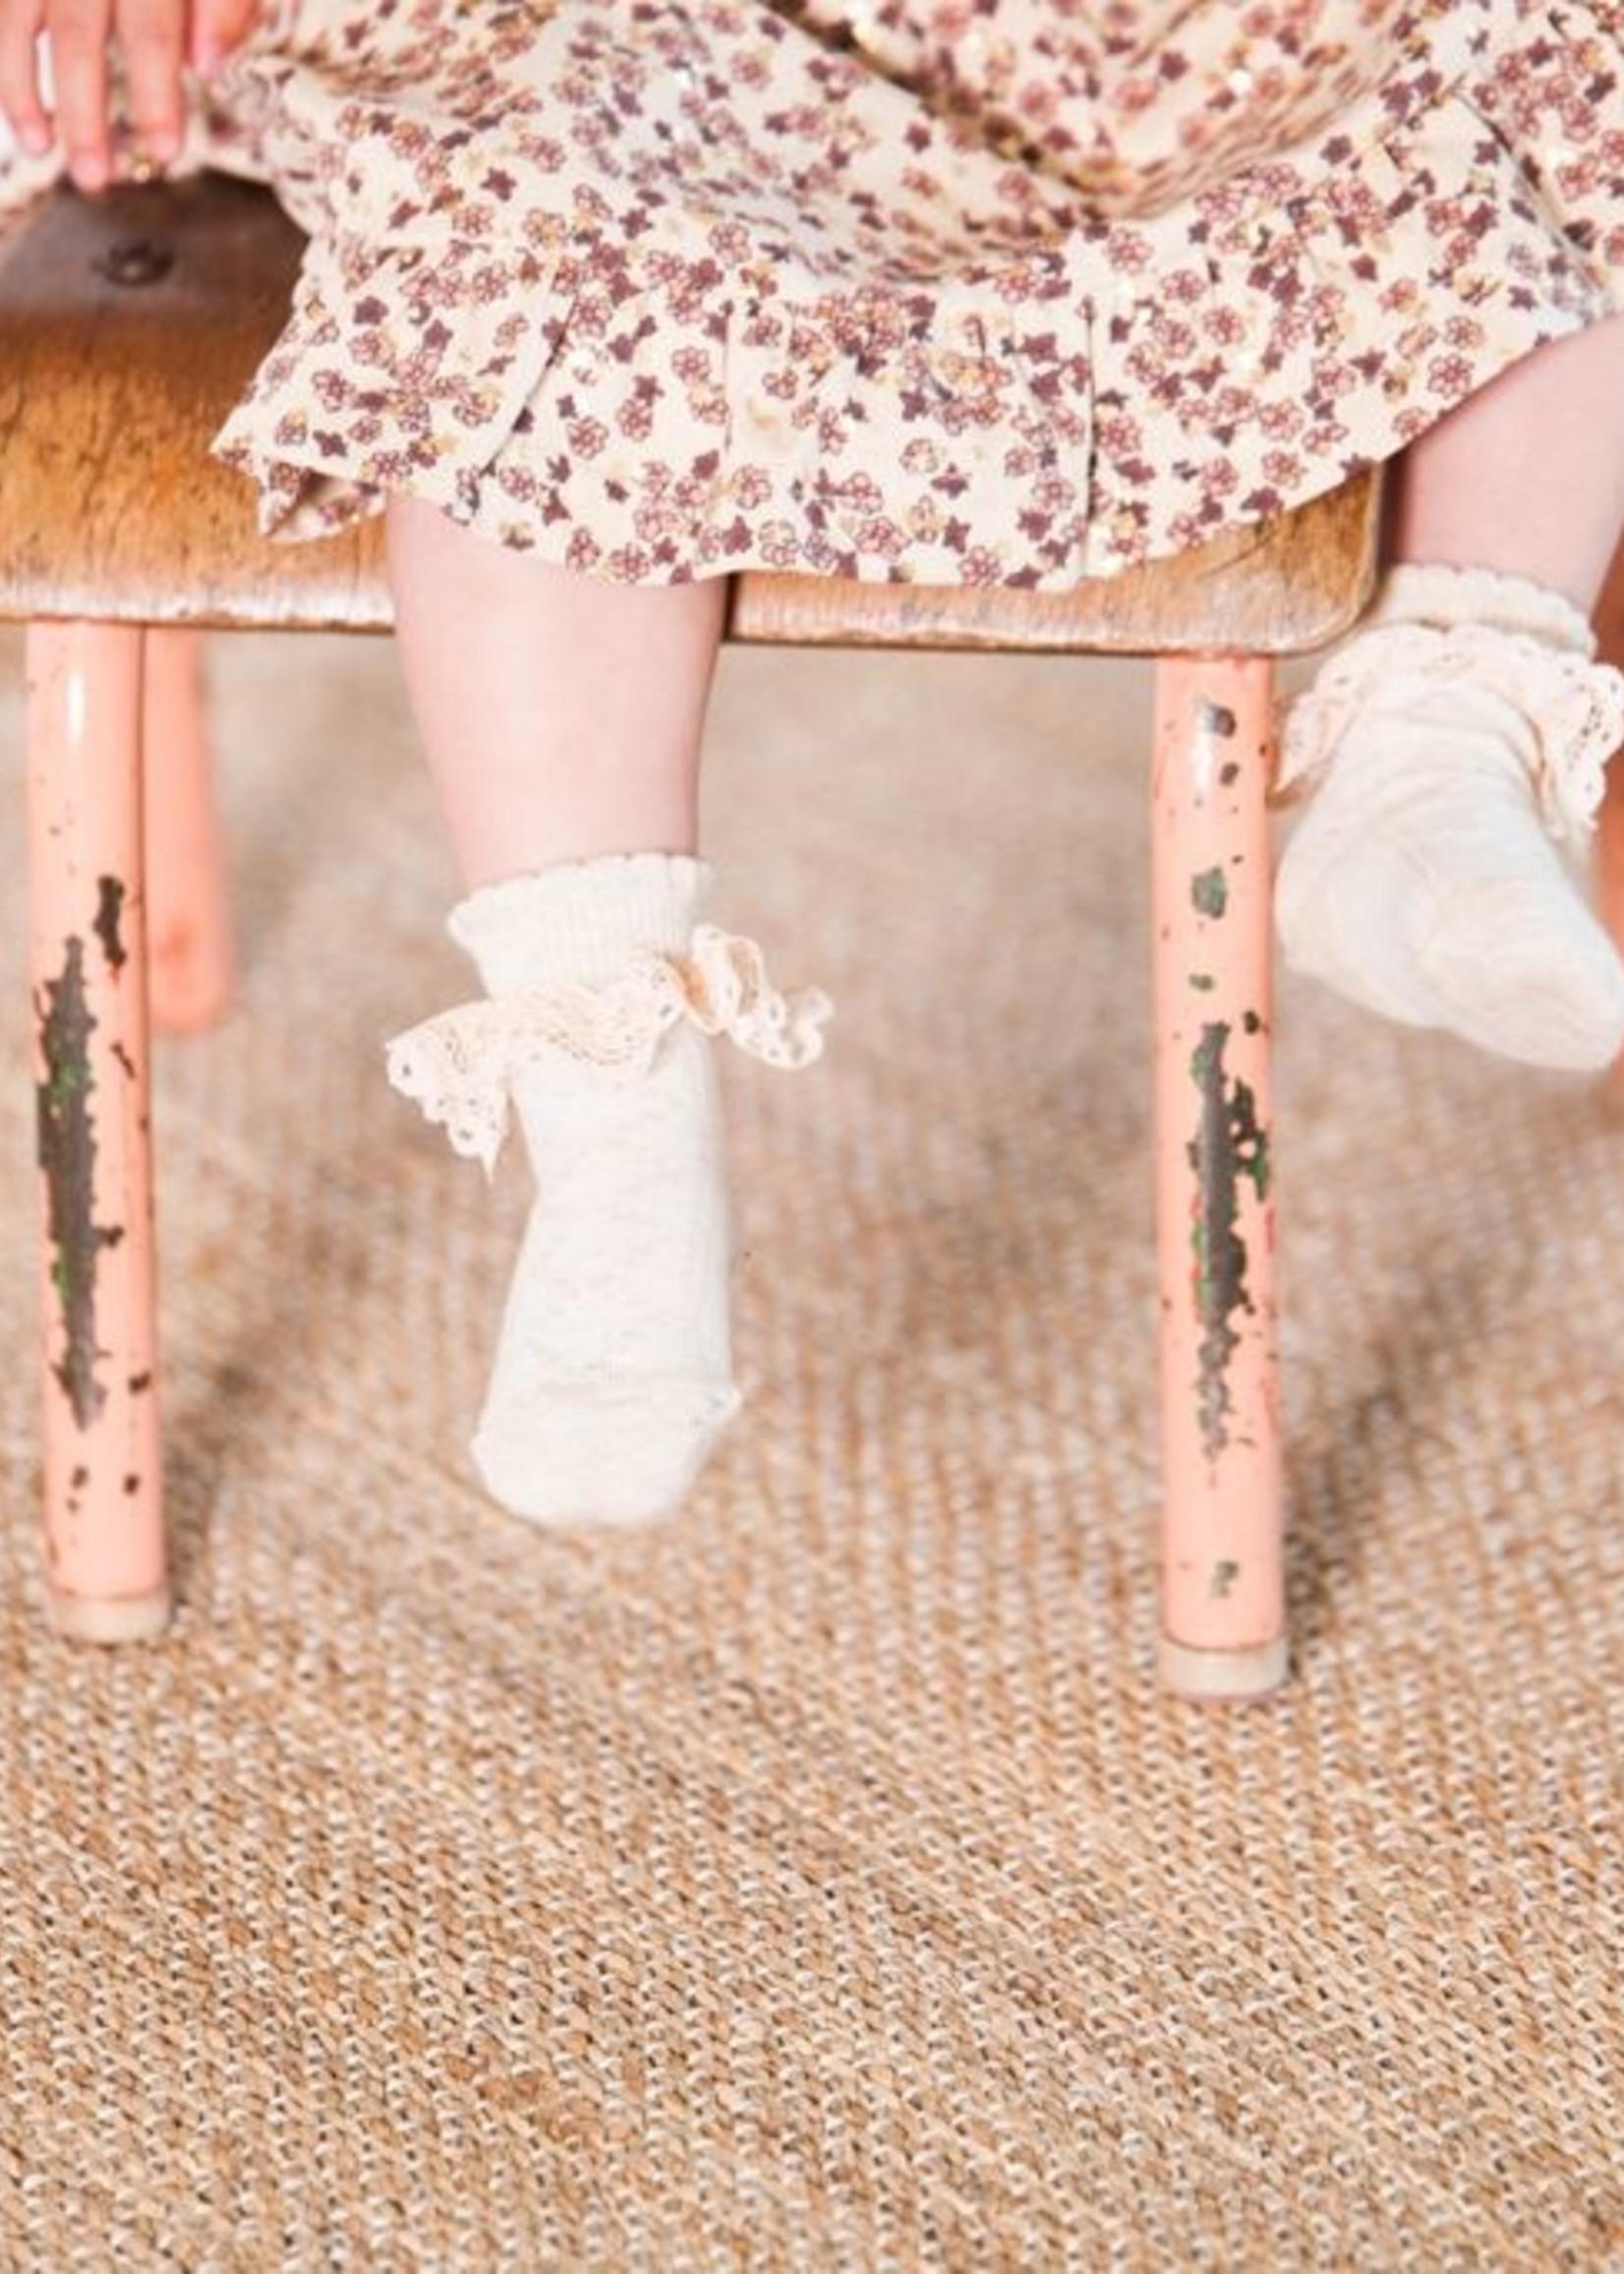 House of Jamie HOJ - Ankle Socks Pelerine Oatmeal & Lace